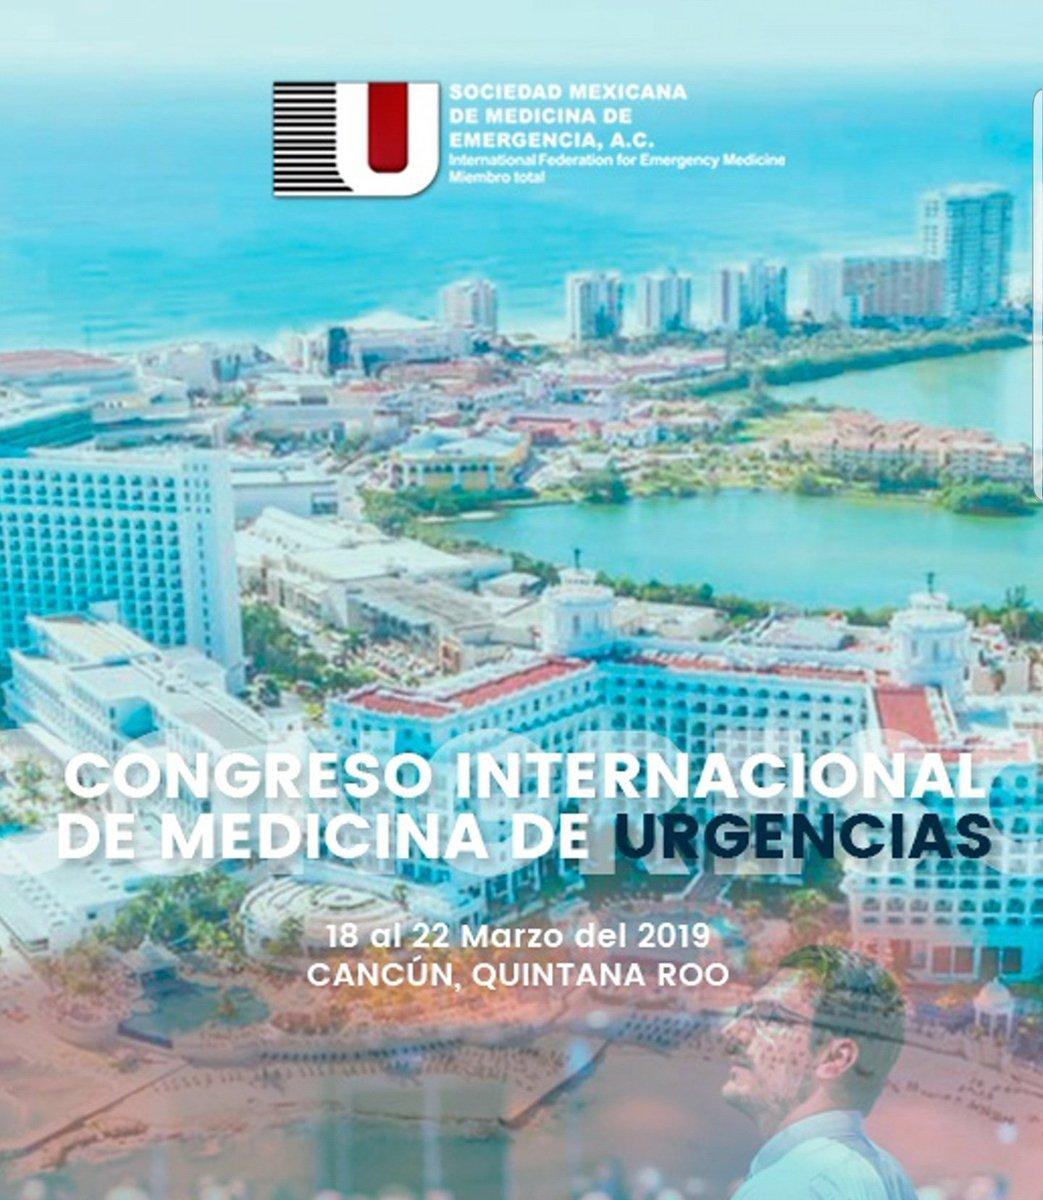 Costa Rica está presente en el #CIMU19 en Cancún , México con varios expositores @umanamd @alemoyaal @mumara04 @mdrsingha . Nos encontramos muy contentos con la representación costarricense en varios congresos internacionales #emergencymedicine #educación #asocomeconf